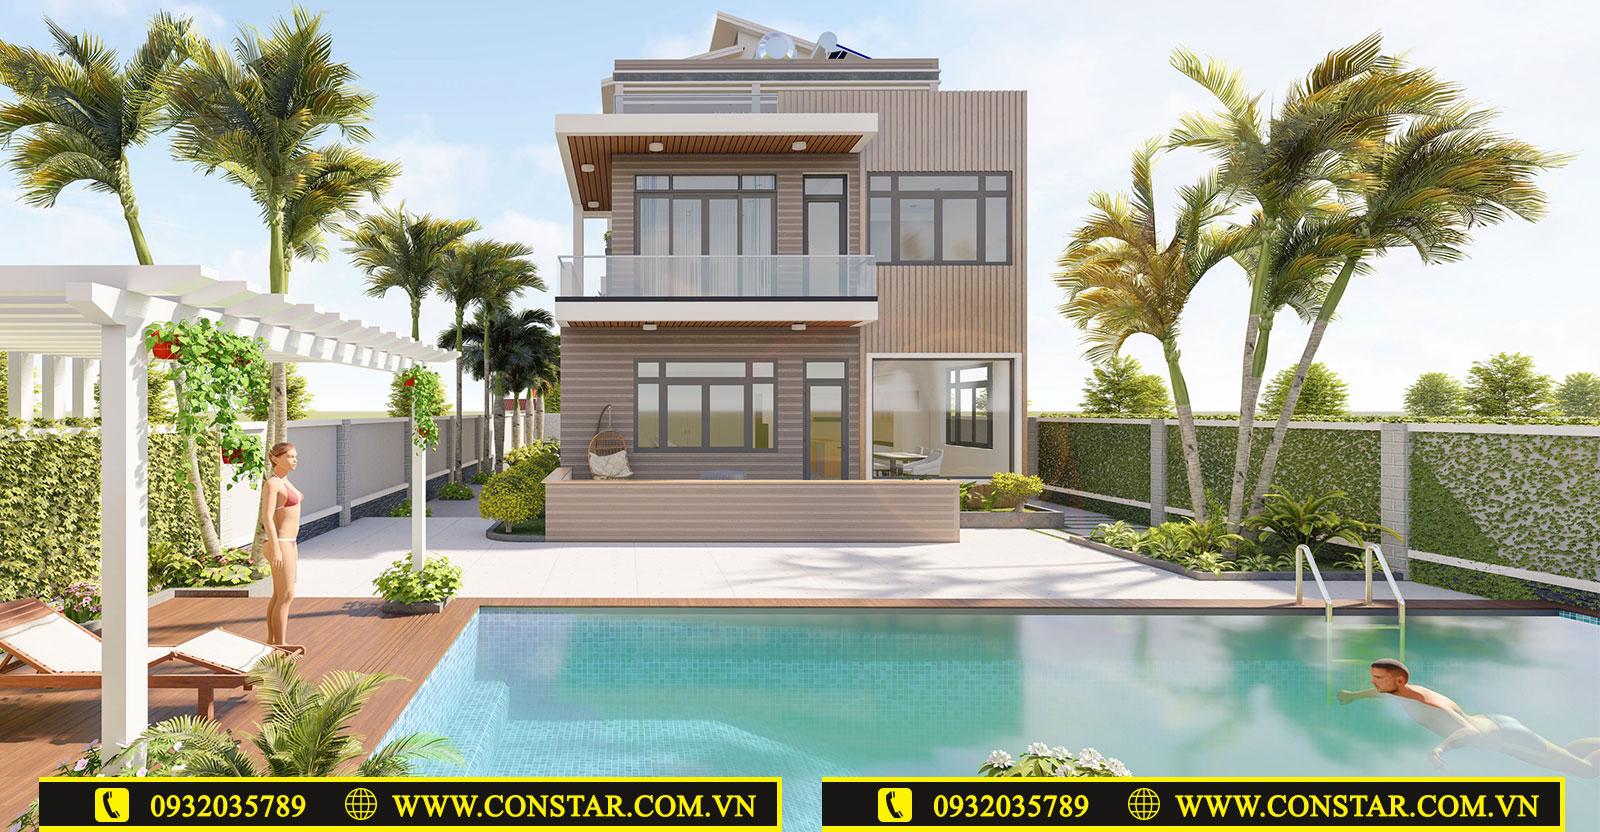 Công ty thiết kế xây dựng nhà ở quận 2 và Bình Thạnh.